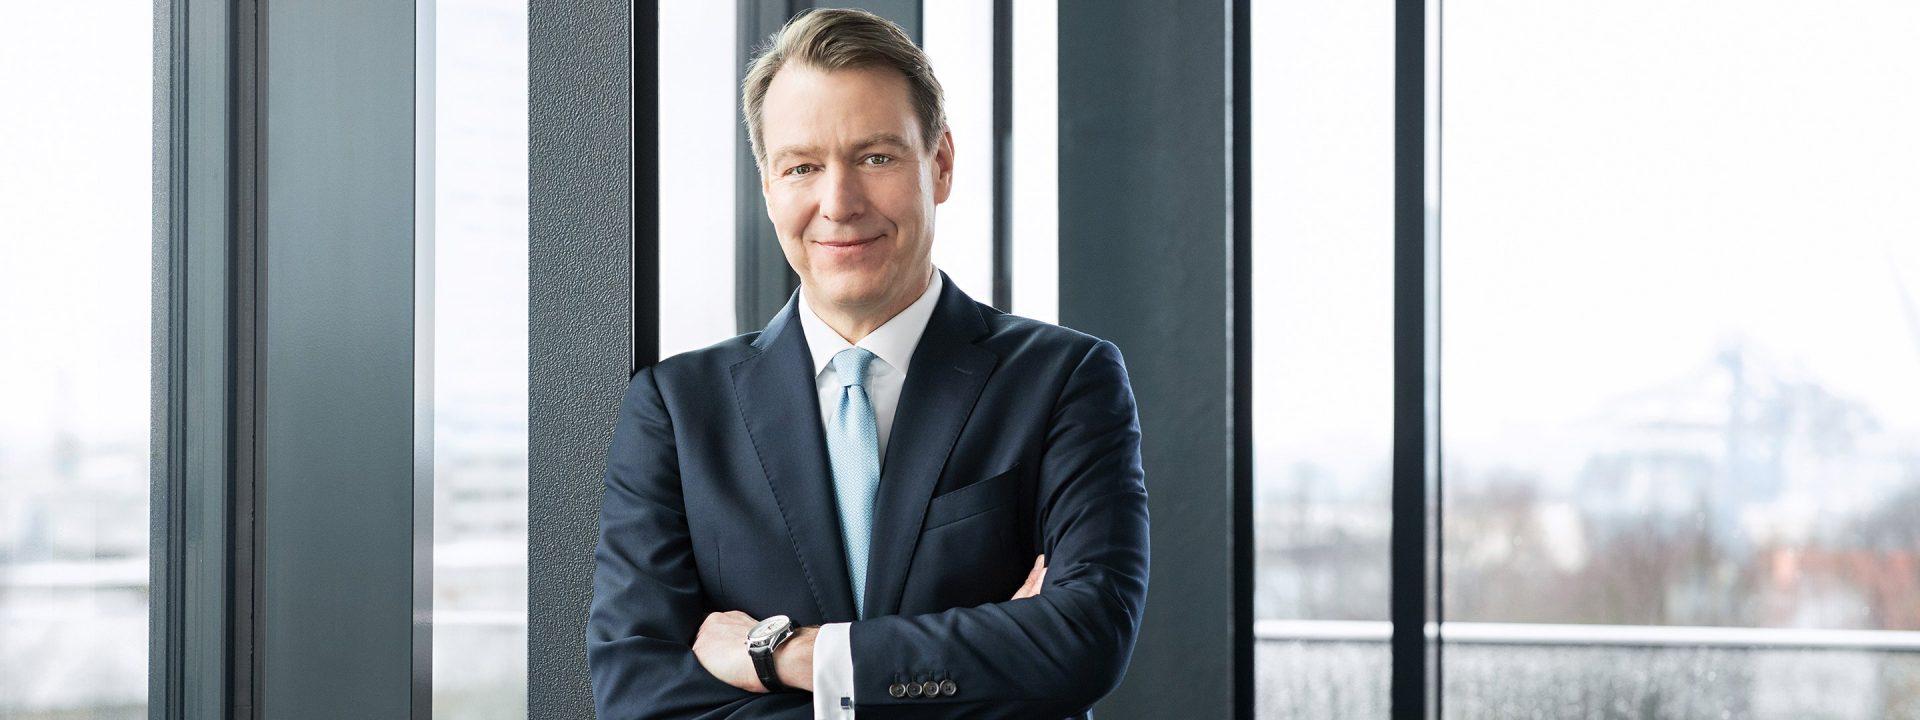 Dr. Volker Simmering, Geschäftsführer der Paribus Holding GmbH & Co. KG und der Paribus Kapitalverwaltungsgesellschaft mbH, Vorstand der MHC Marble House Capital AG und geschäftsführender Gesellschafter der northrail GmbH